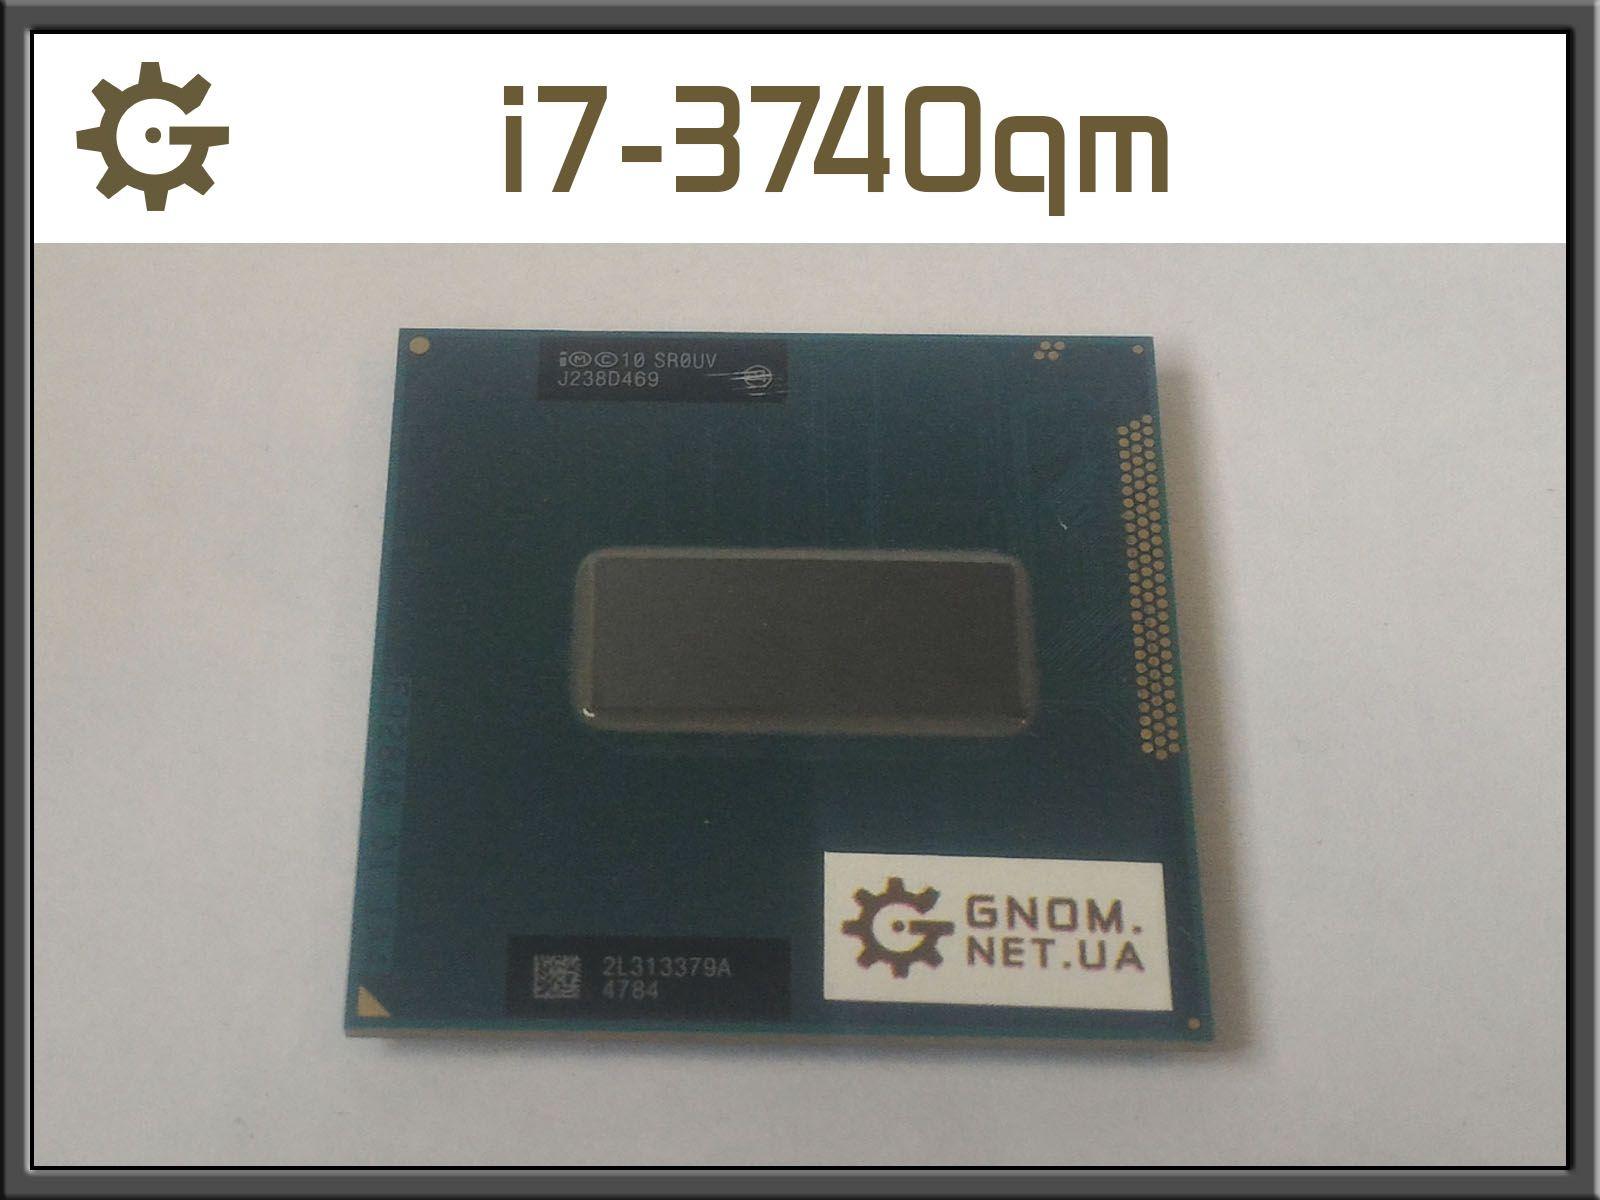 Процессор Intel Core i7-3740qm 4ядра Ivy ноутбук 3 поколение Socket G2